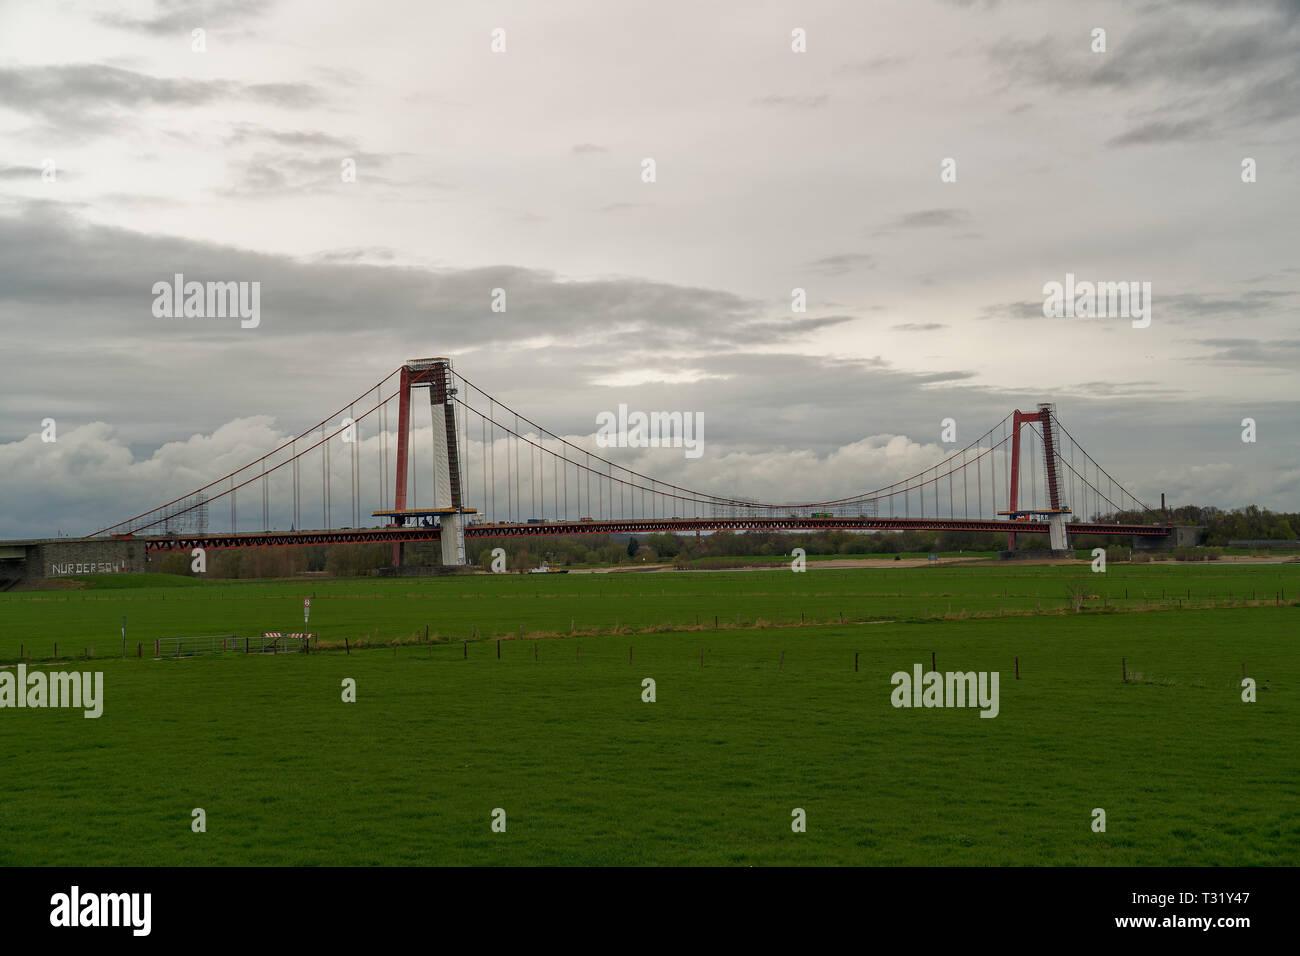 Großbaustelle emmericher Rheinbrücke Emmerich, Deutschland, Seitenansicht Stockbild